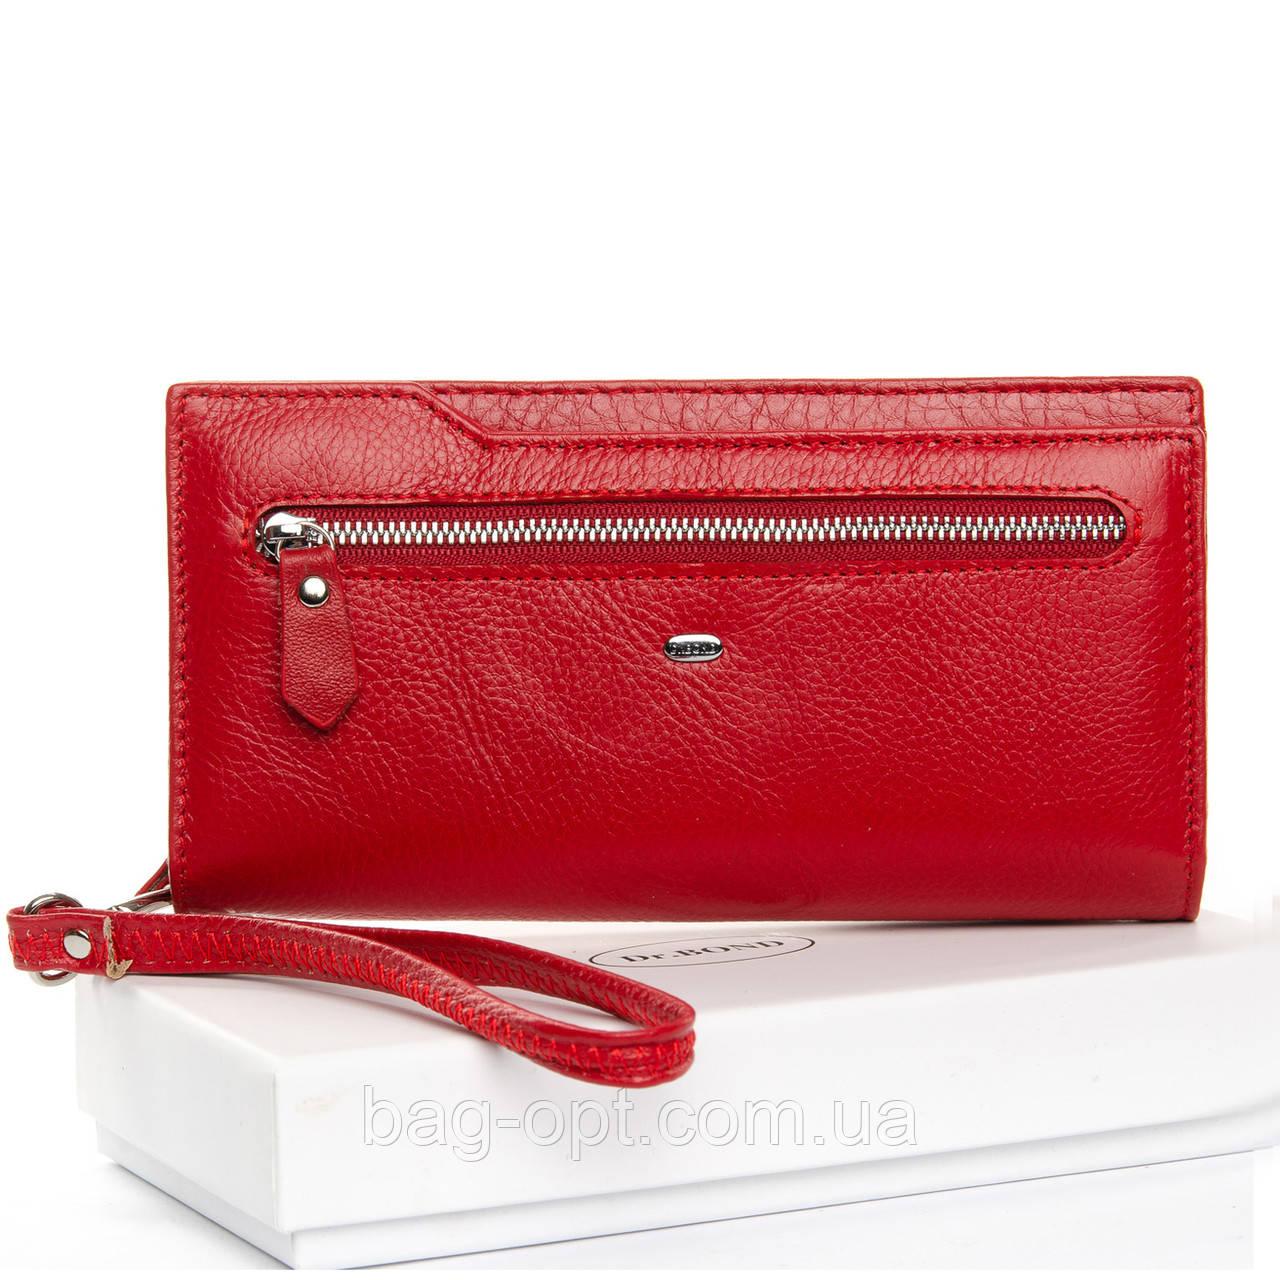 Женское портмоне Dr.Bond  (19,5x10,5x3 см) красный